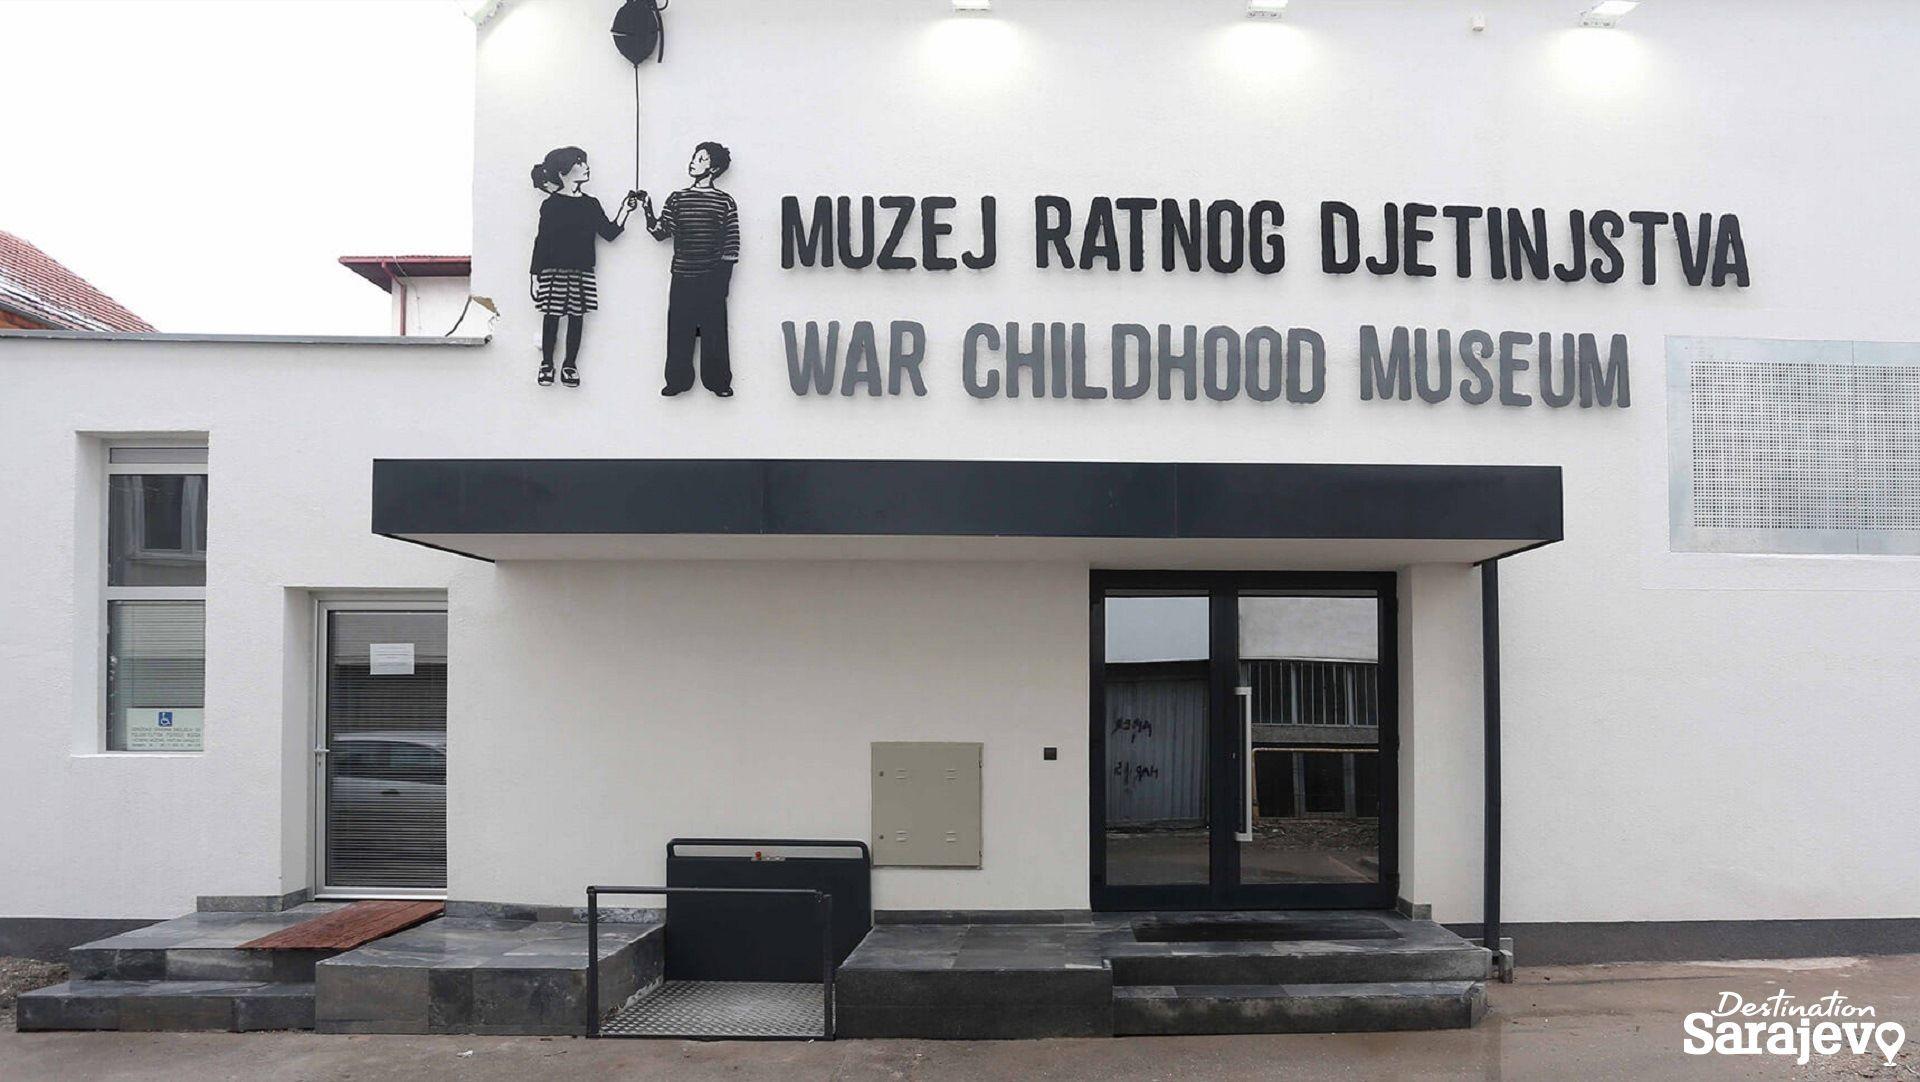 War Childhood Museum - Destination Sarajevo